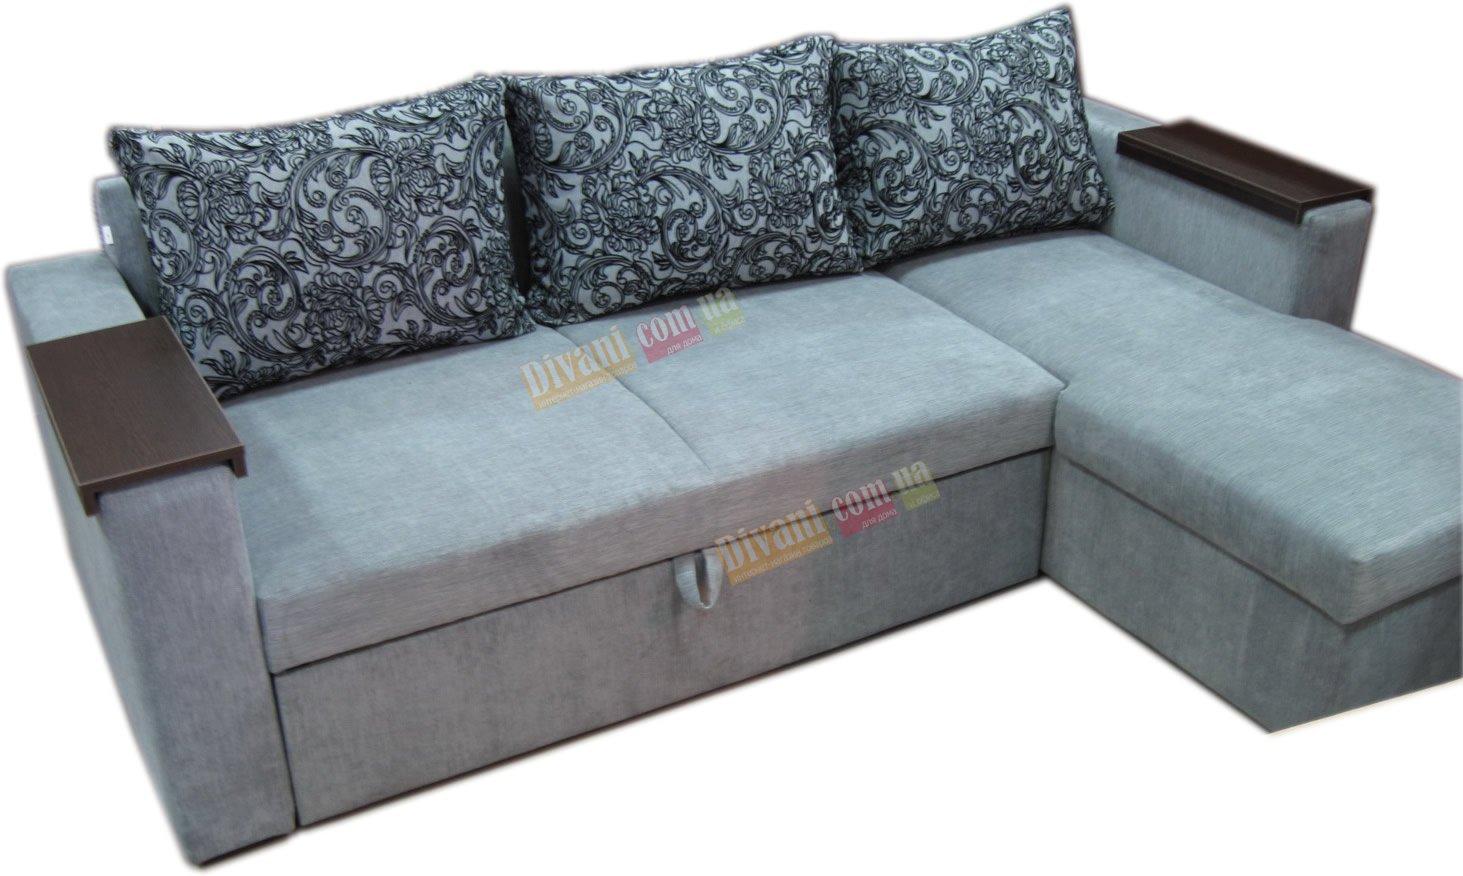 Угловой диван Сити LUX с зонированным матрасом